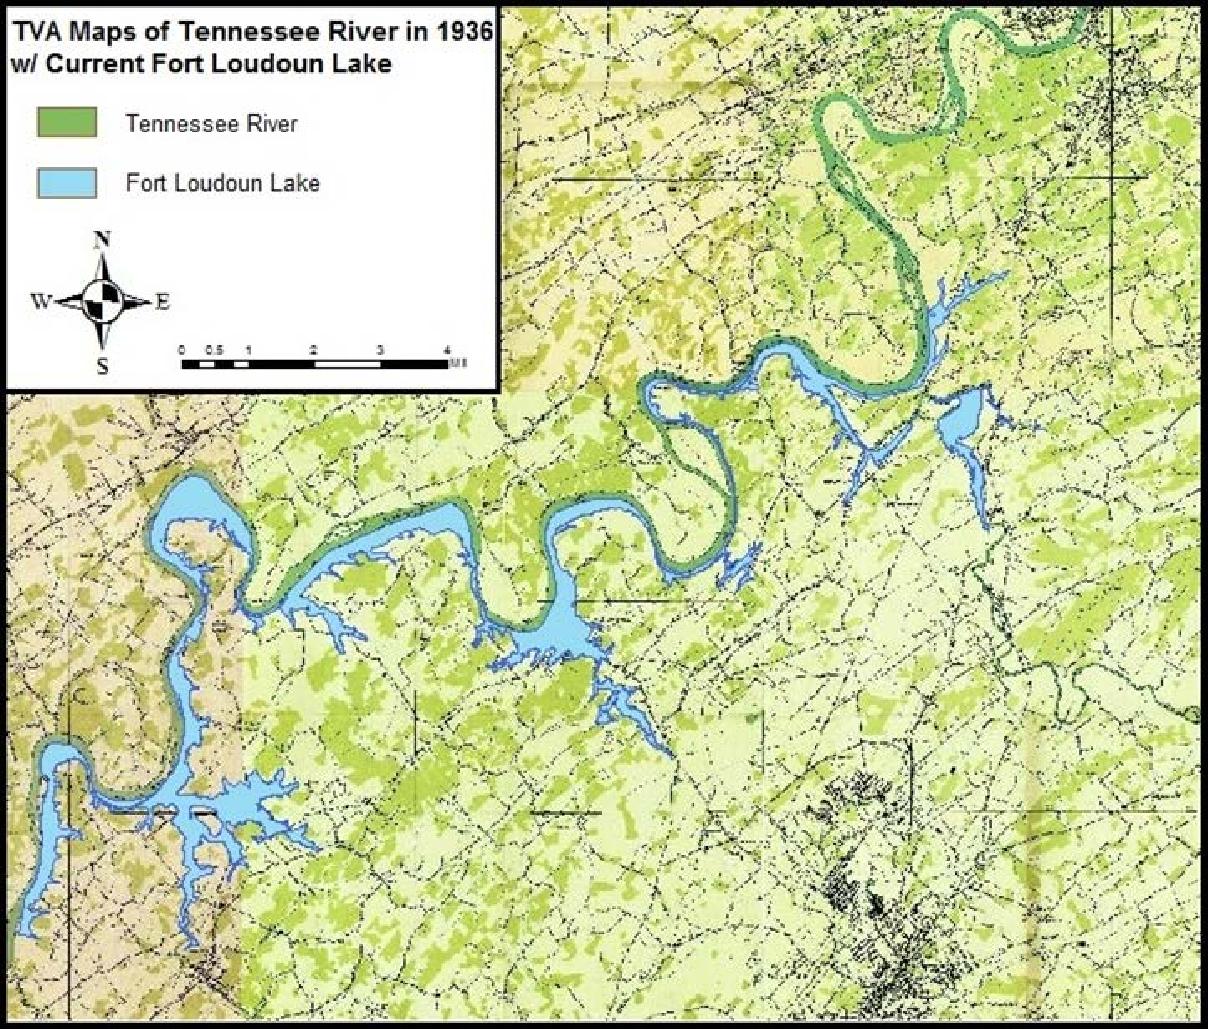 fort loudoun lake map Pdf Gis Analysis Of Impacts Of Tva Dams On Upstream Residential fort loudoun lake map